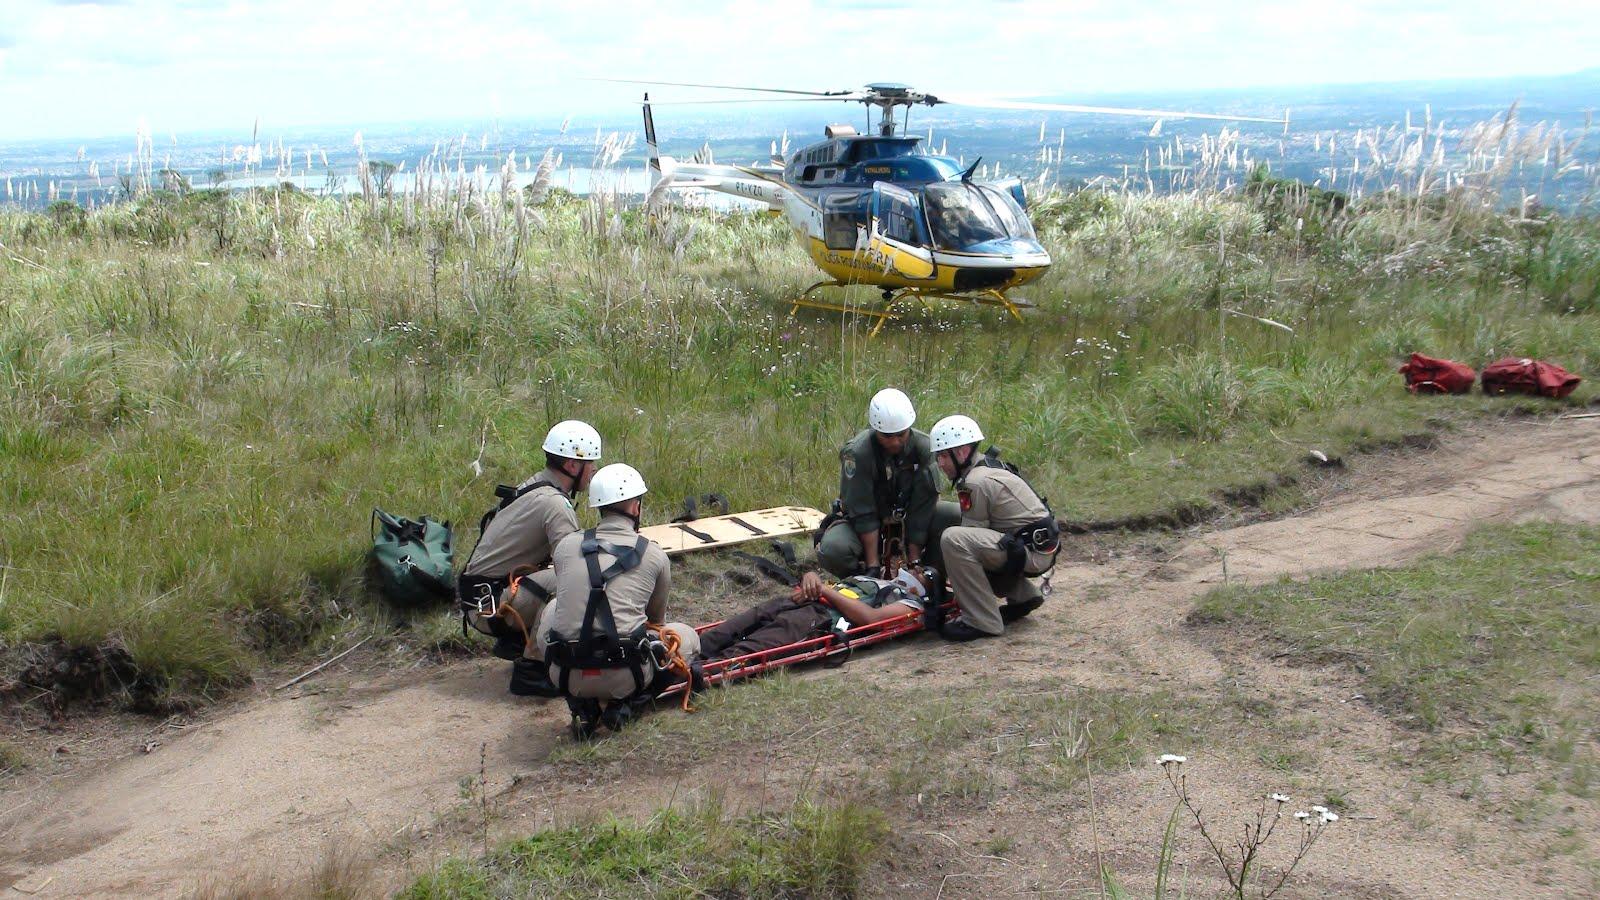 A aeronave foi acionada para resgate de uma vítima que havia caído em uma fenda de aproximadamente 7 metros, no morro do Anhangava, a aproximadamente 4692 ft de altitude. Já na triagem da ocorrência foi informado que o local era de difícil acesso por terra, fato que ocasionou o acionamento de diversos órgãos especializados para este tipo de resgate. Foram acionados o Grupo de Operações de Socorro Tático (GOST), Grupamento Aeropolicial - Resgate Aéreo do Paraná (GRAER) e a Base Paraná da Divisão de Operações Aéreas (Base DOA-PR).